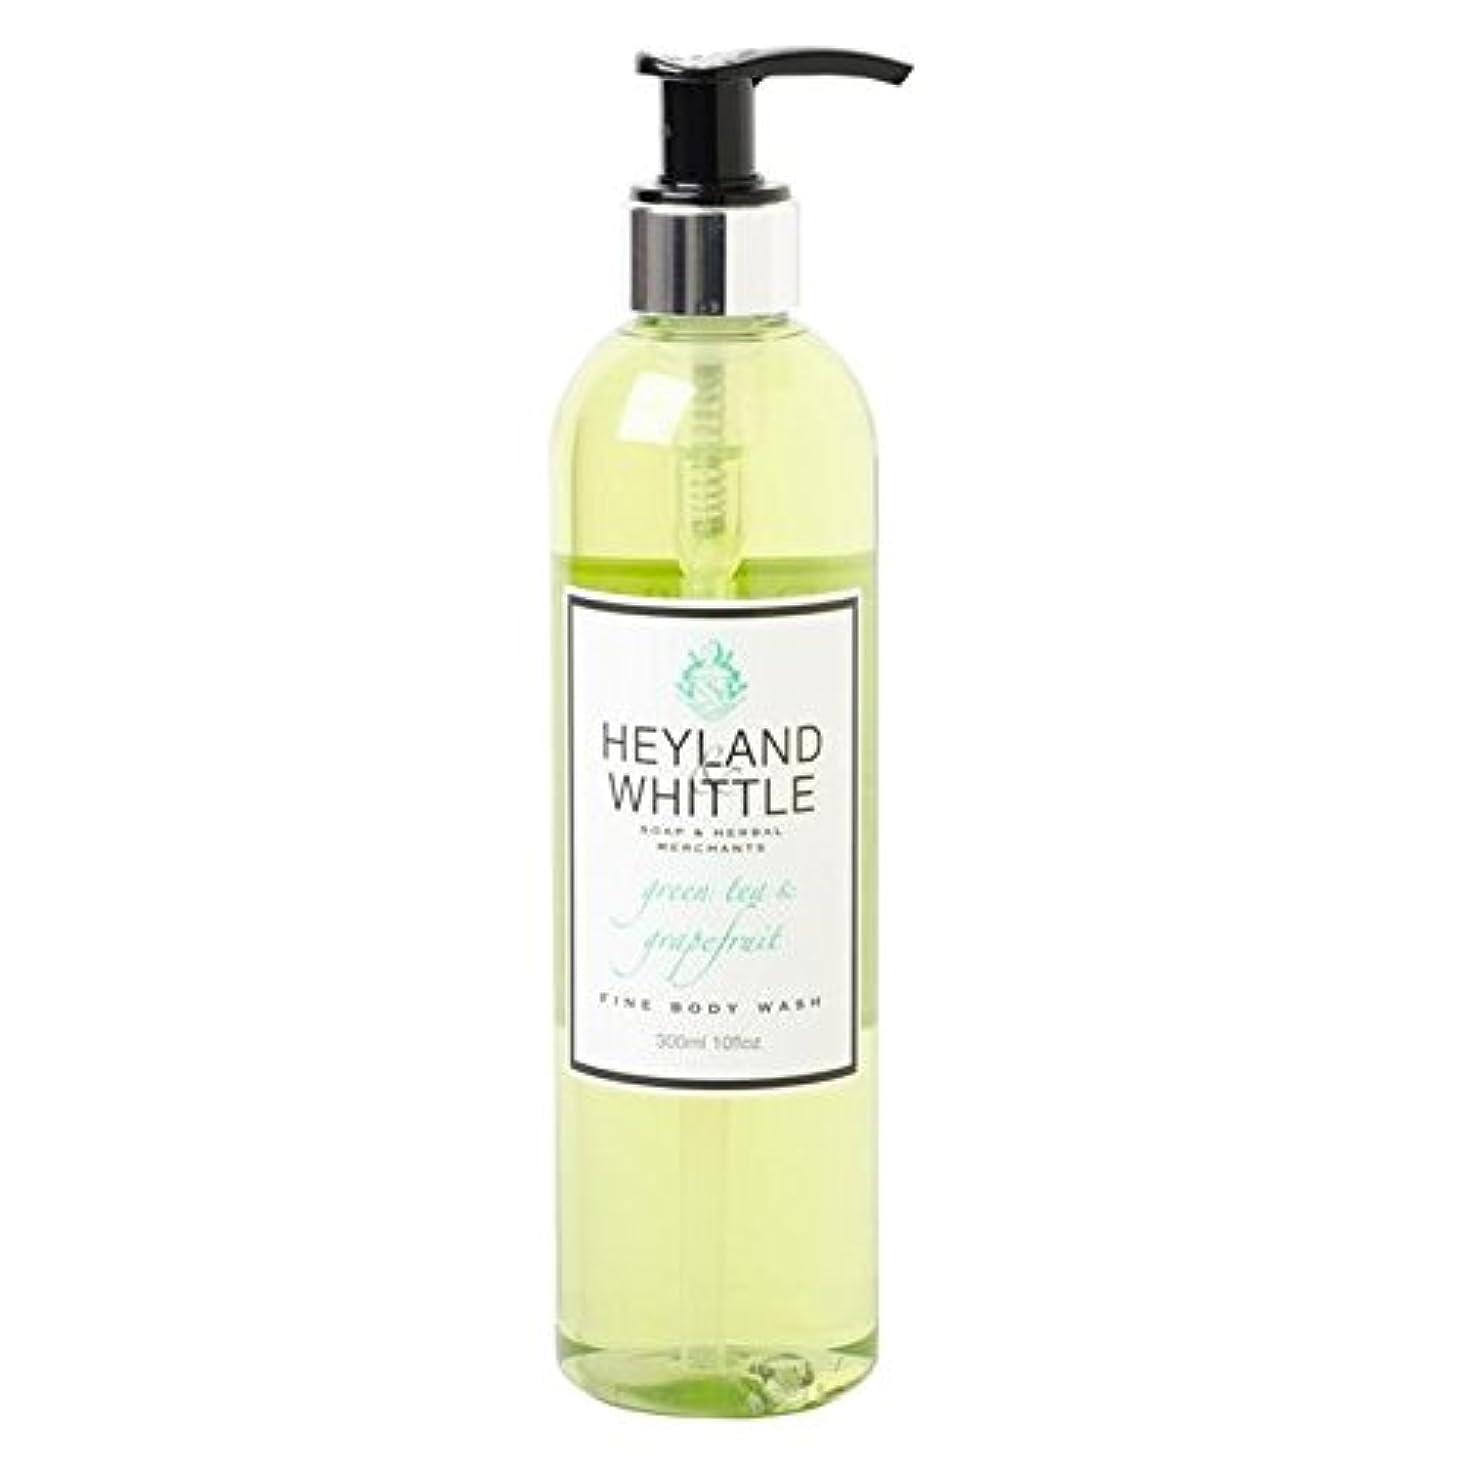 ヒロイックマナー付録Heyland & Whittle Greentea & Grapefruit Body Wash 300ml (Pack of 6) - &削るグリーンティ&グレープフルーツボディウォッシュ300ミリリットル x6 [並行輸入品]